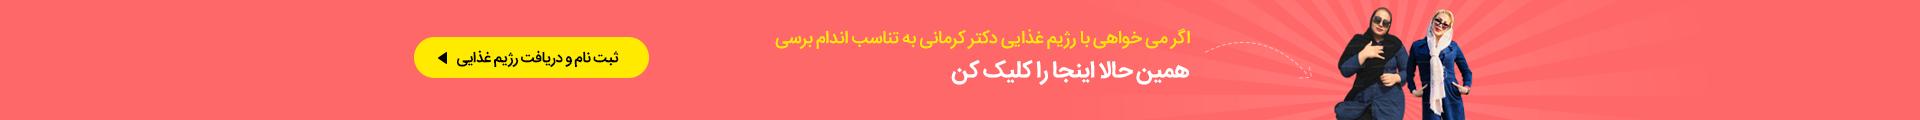 رژیم لاغری دکتر کرمانی